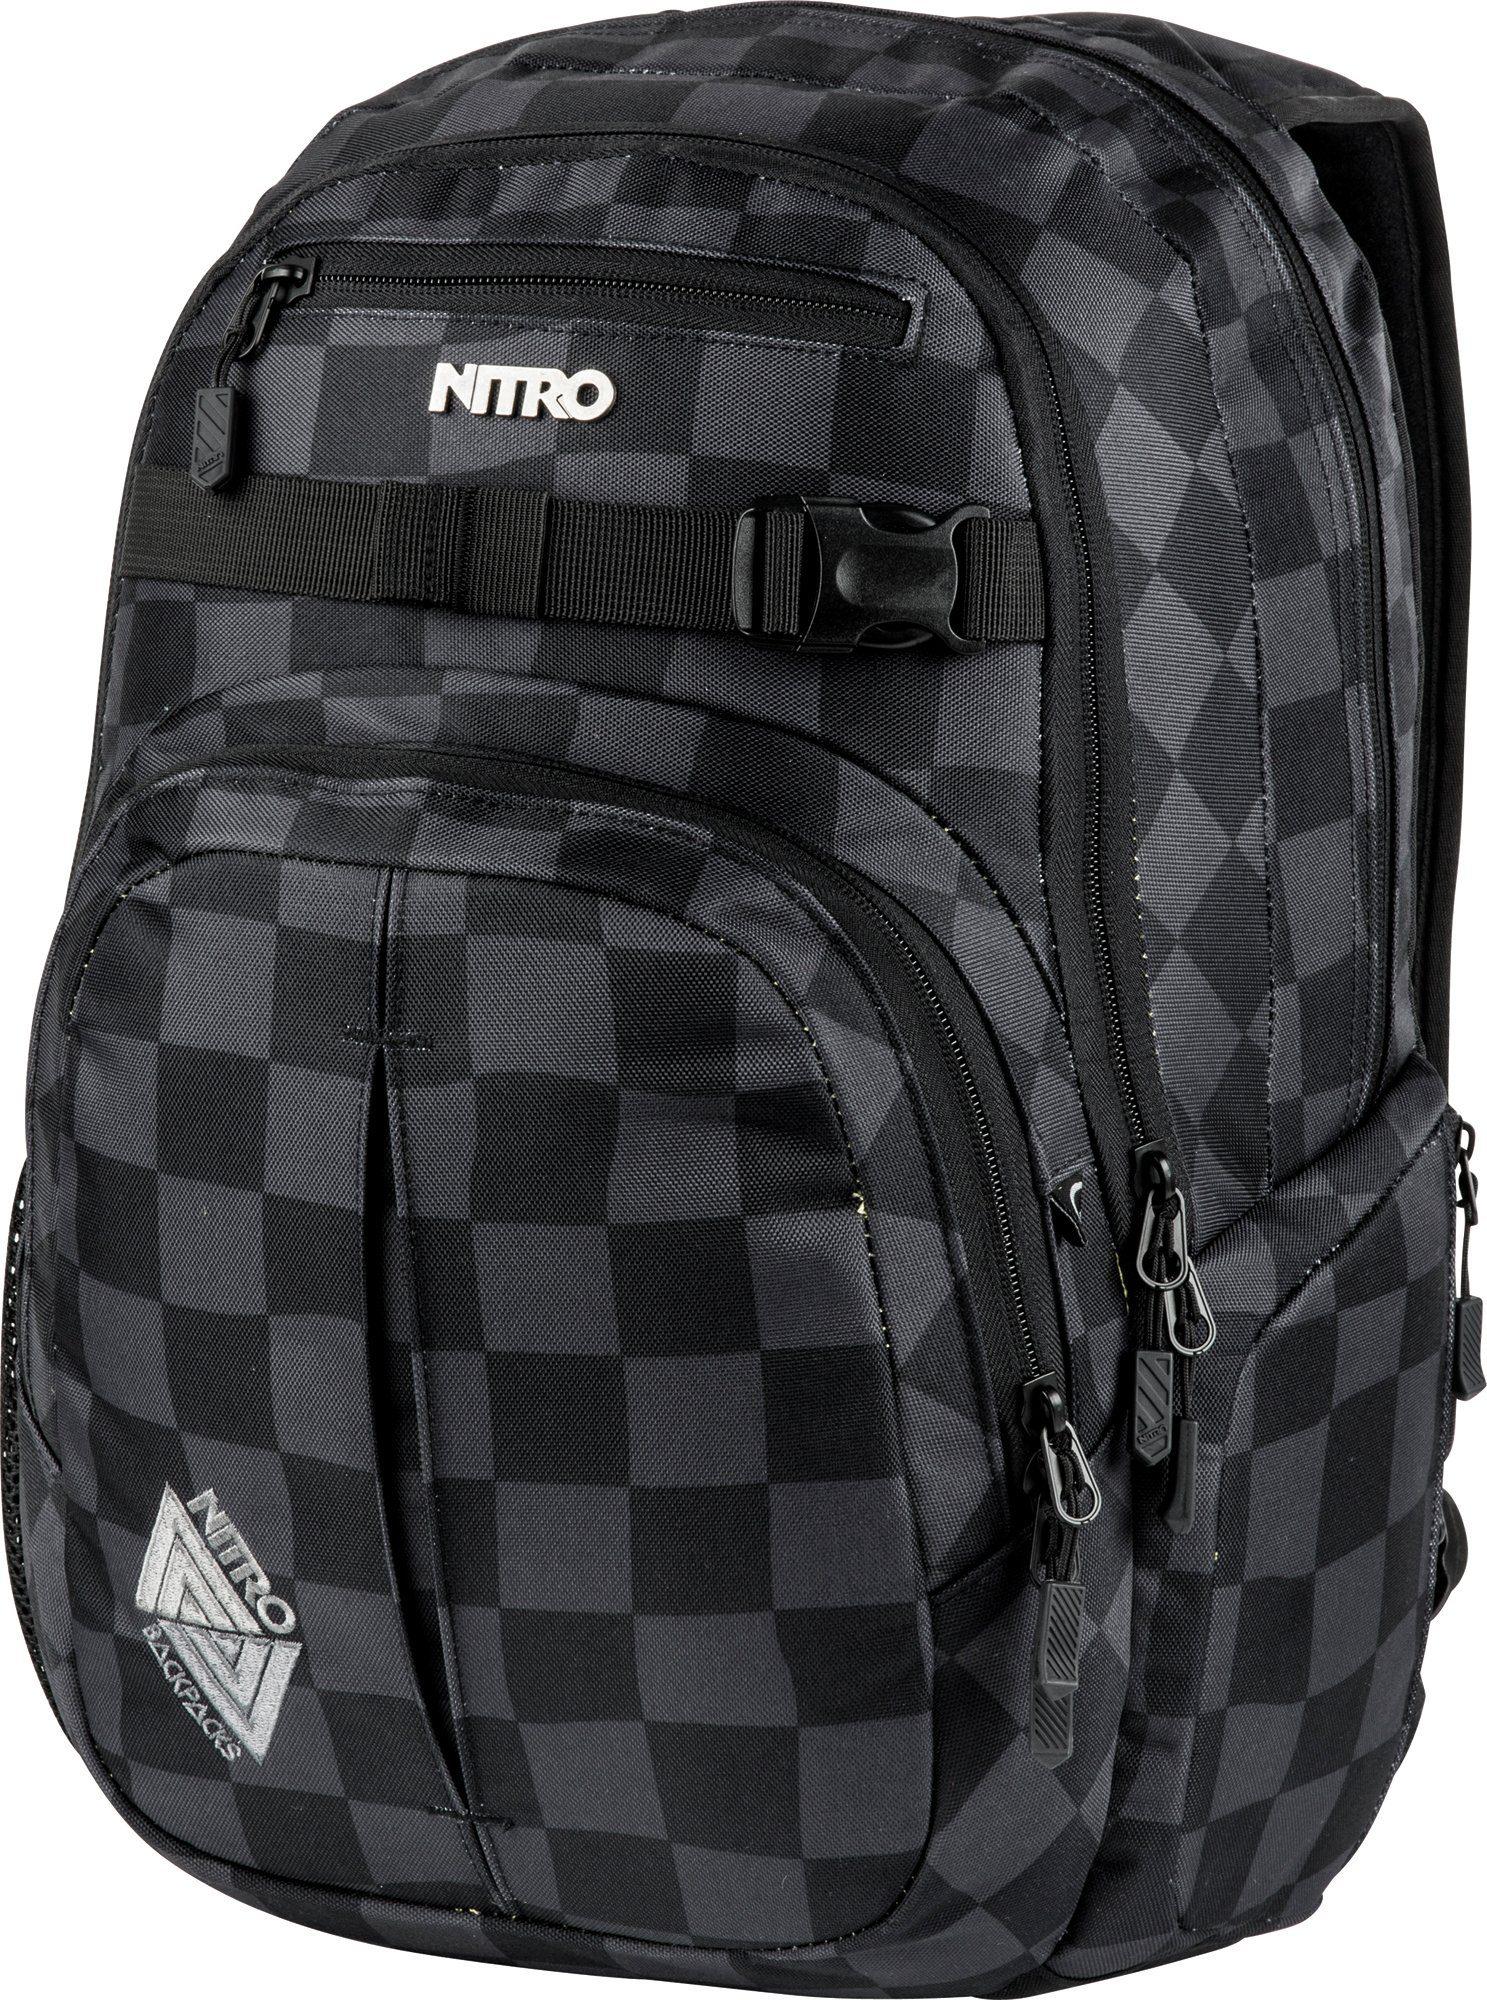 Nitro Schulrucksack, »Chase Black Checker«